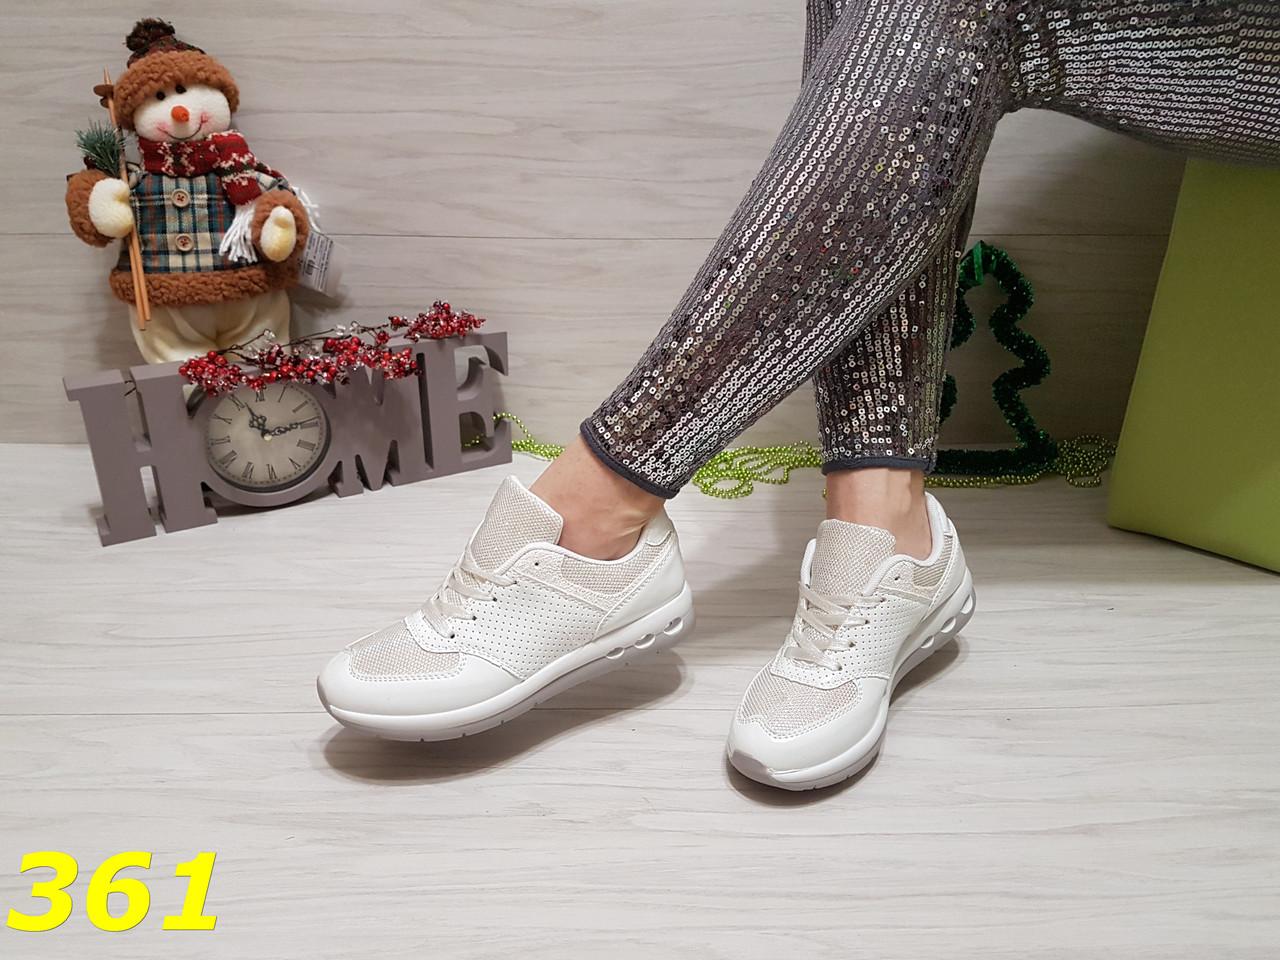 Кроссовки белые с голографическими блёстками fdaed4656c751